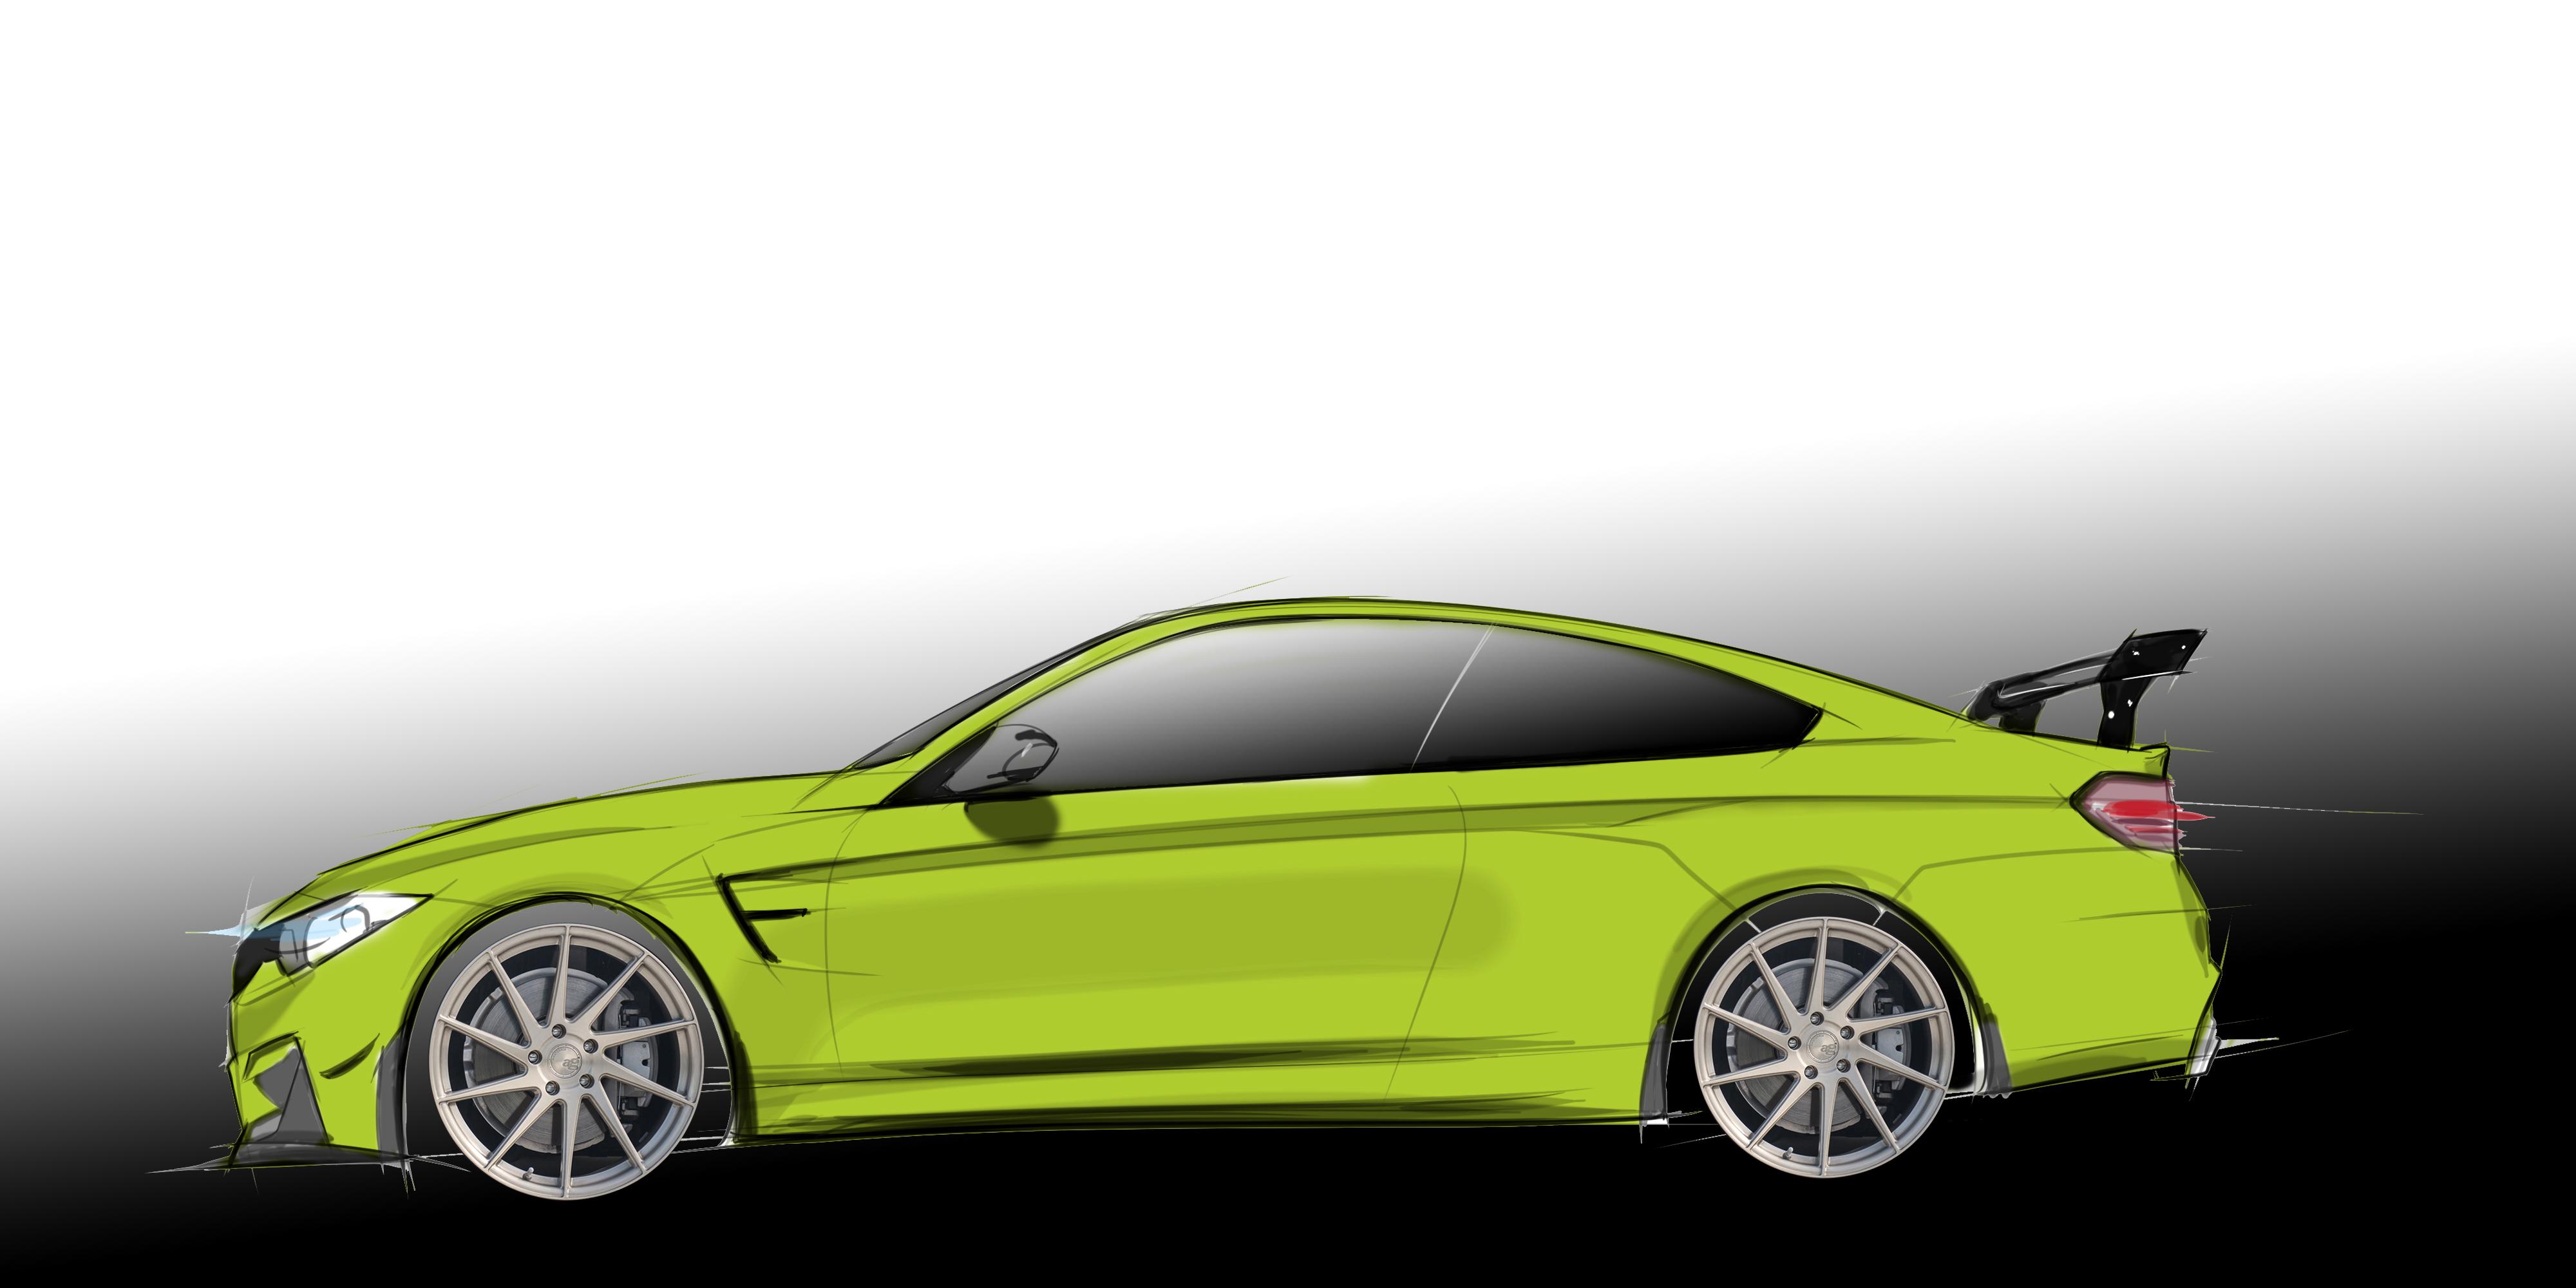 Green BMW M4 F80 F82 Hand Drawn Digtal Car Sketch Rendering